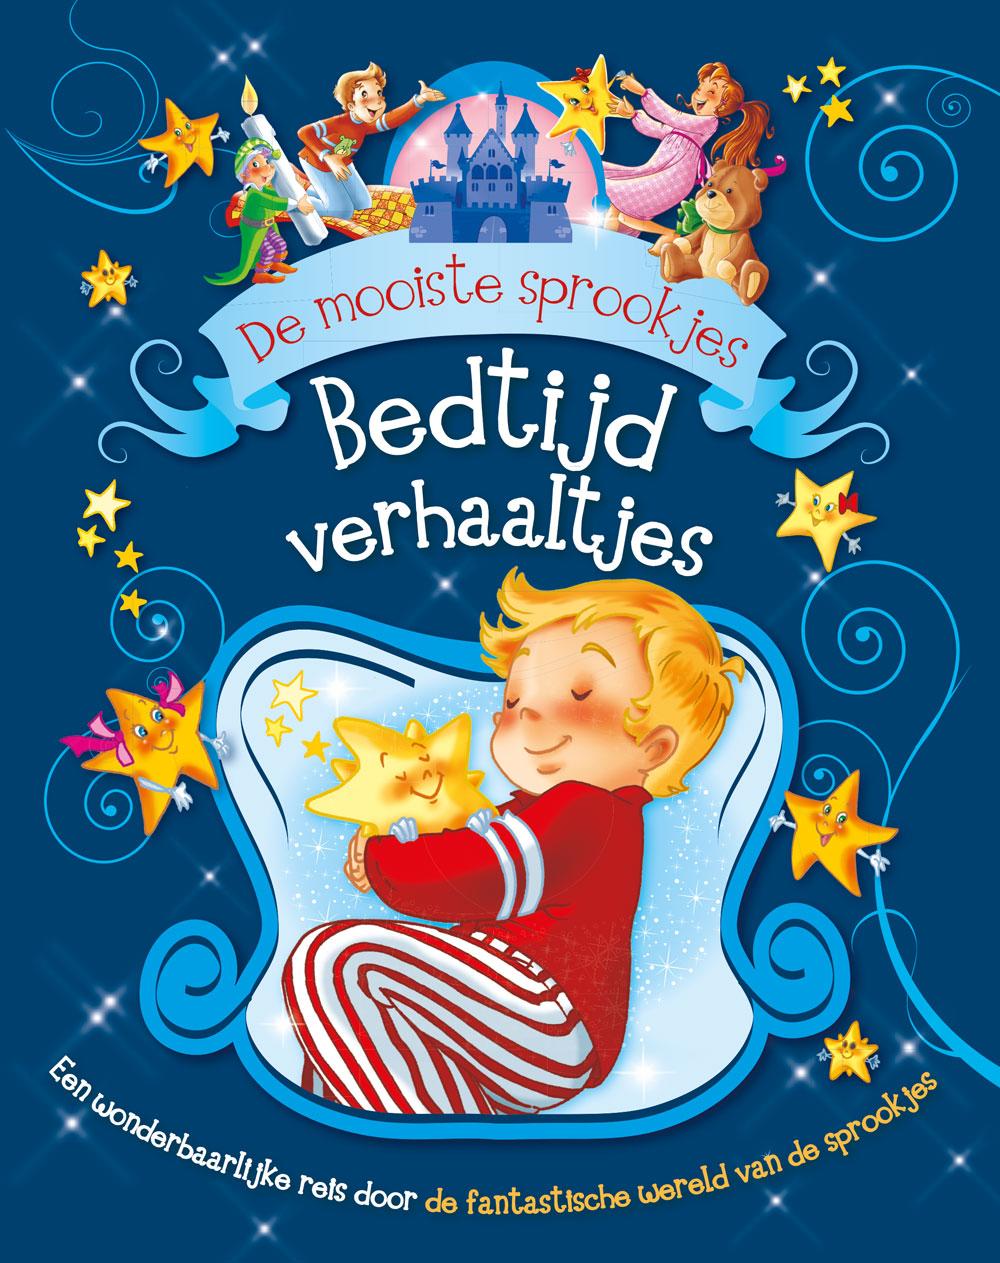 Mooiste sprookjes Bedtijdverhalen